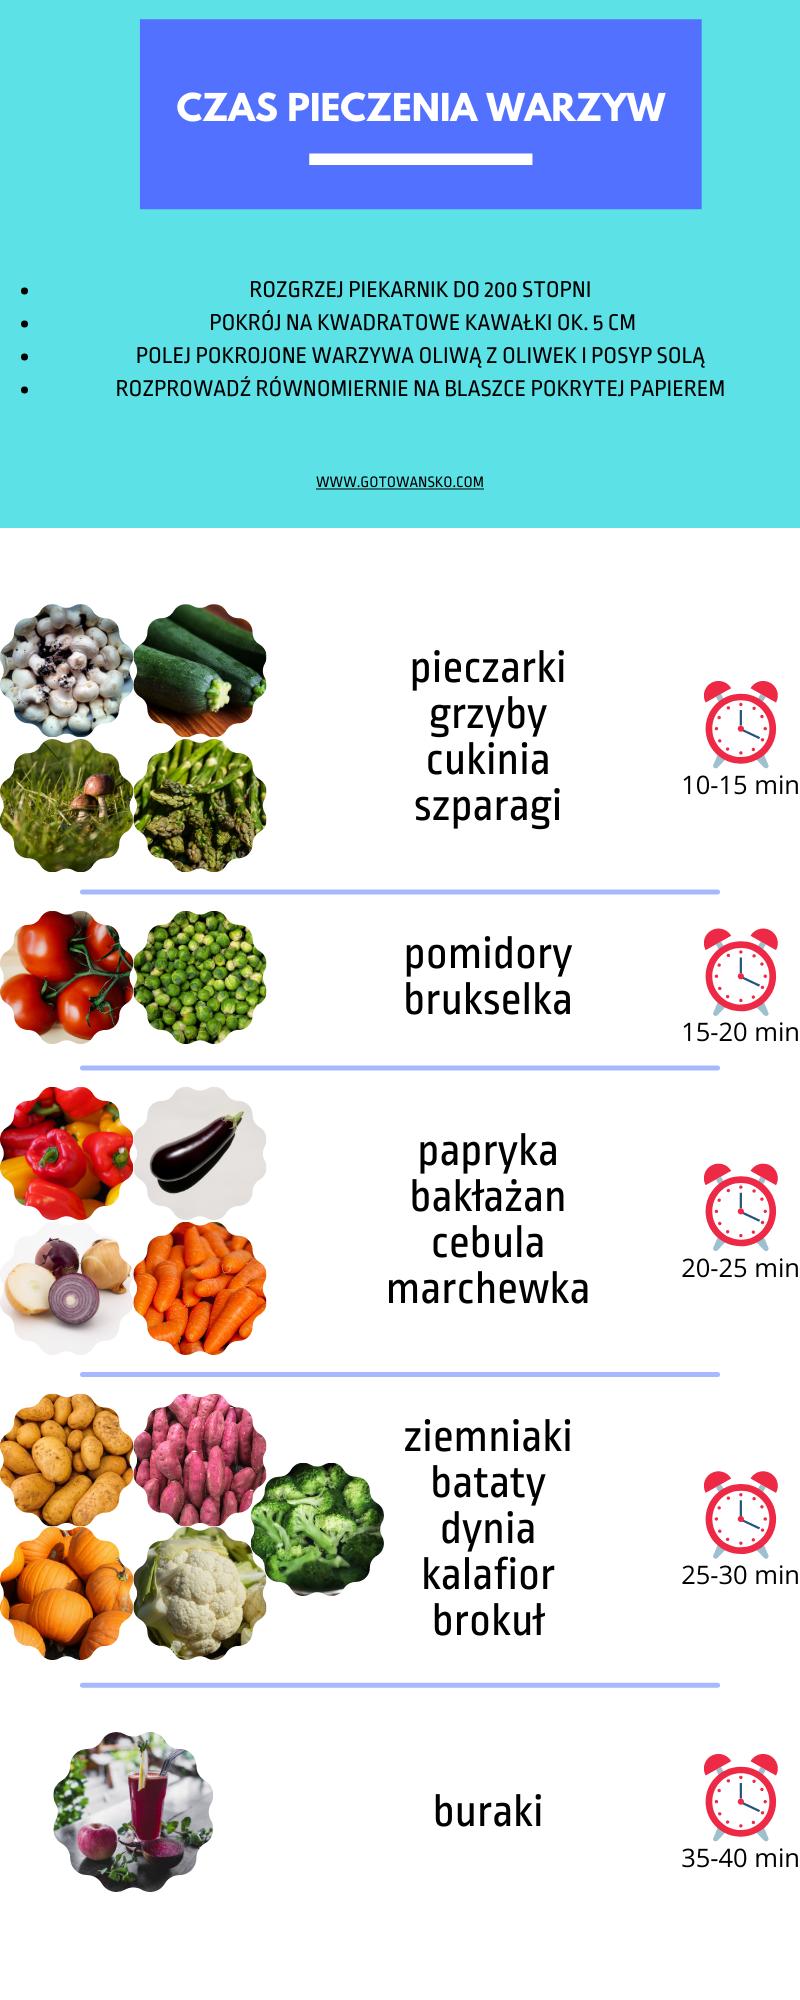 czas pieczenia świeżych warzy w w piekarniku z oliwą